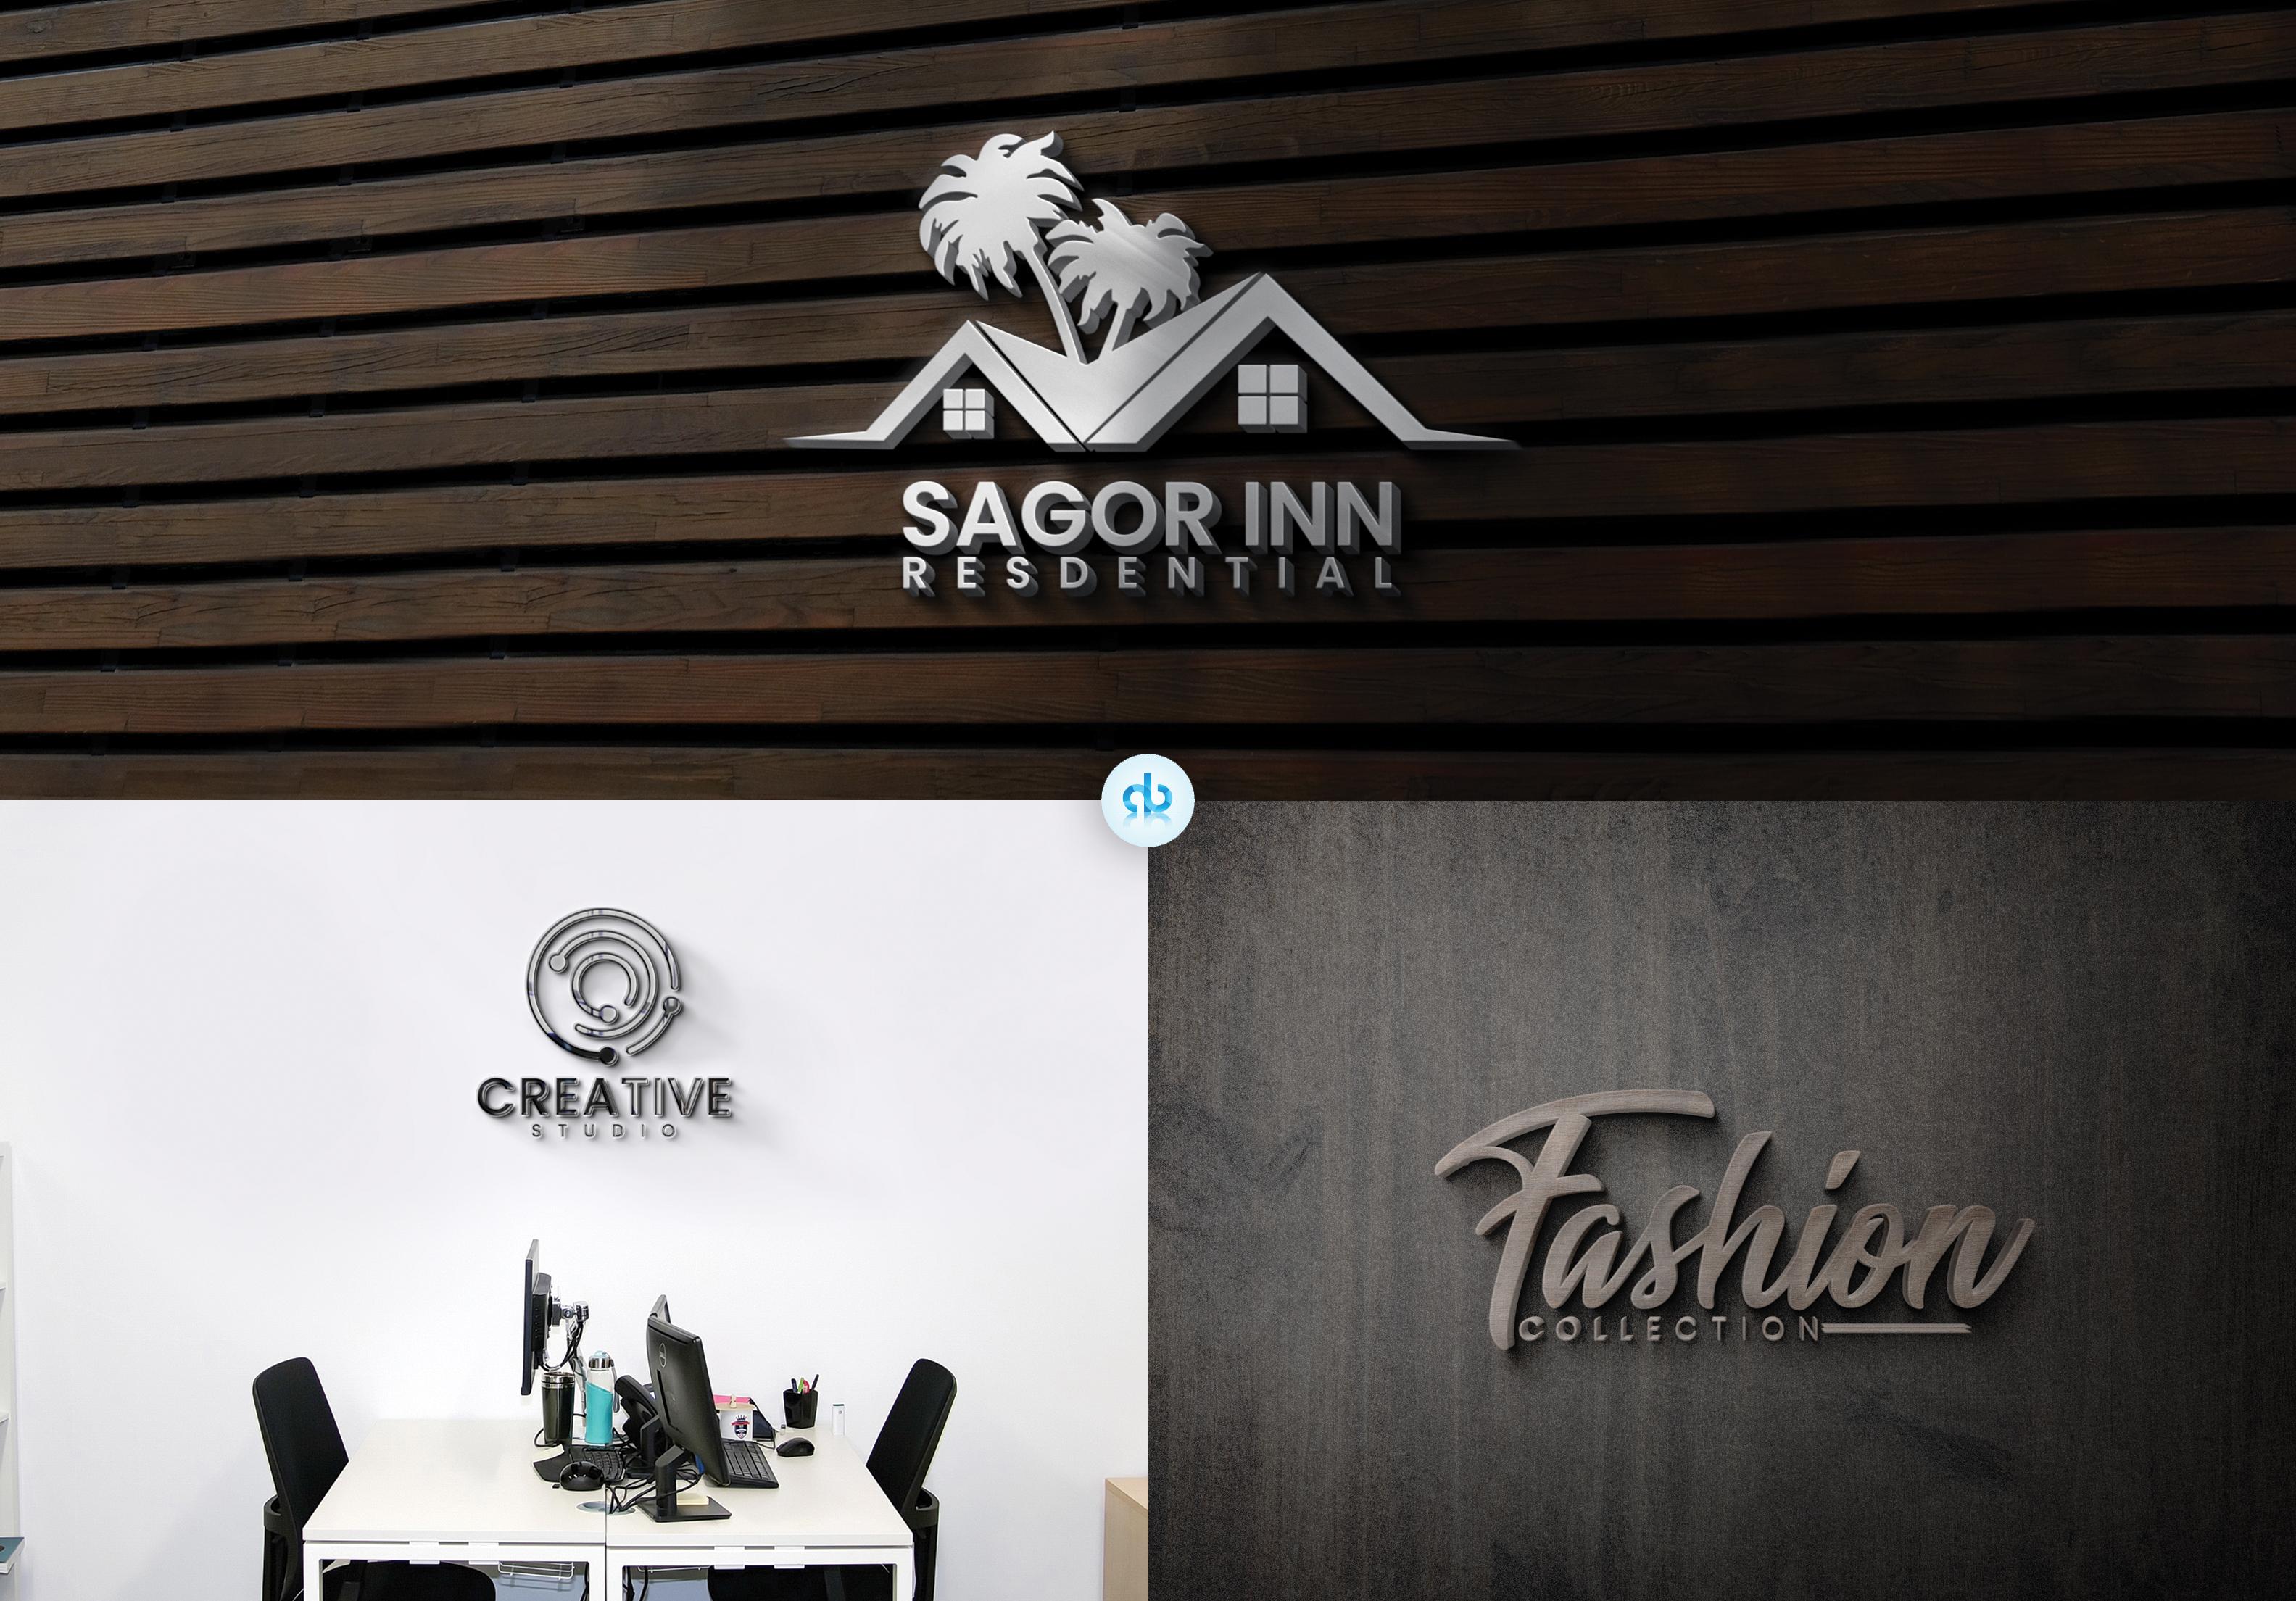 I will design a unique and creative logo